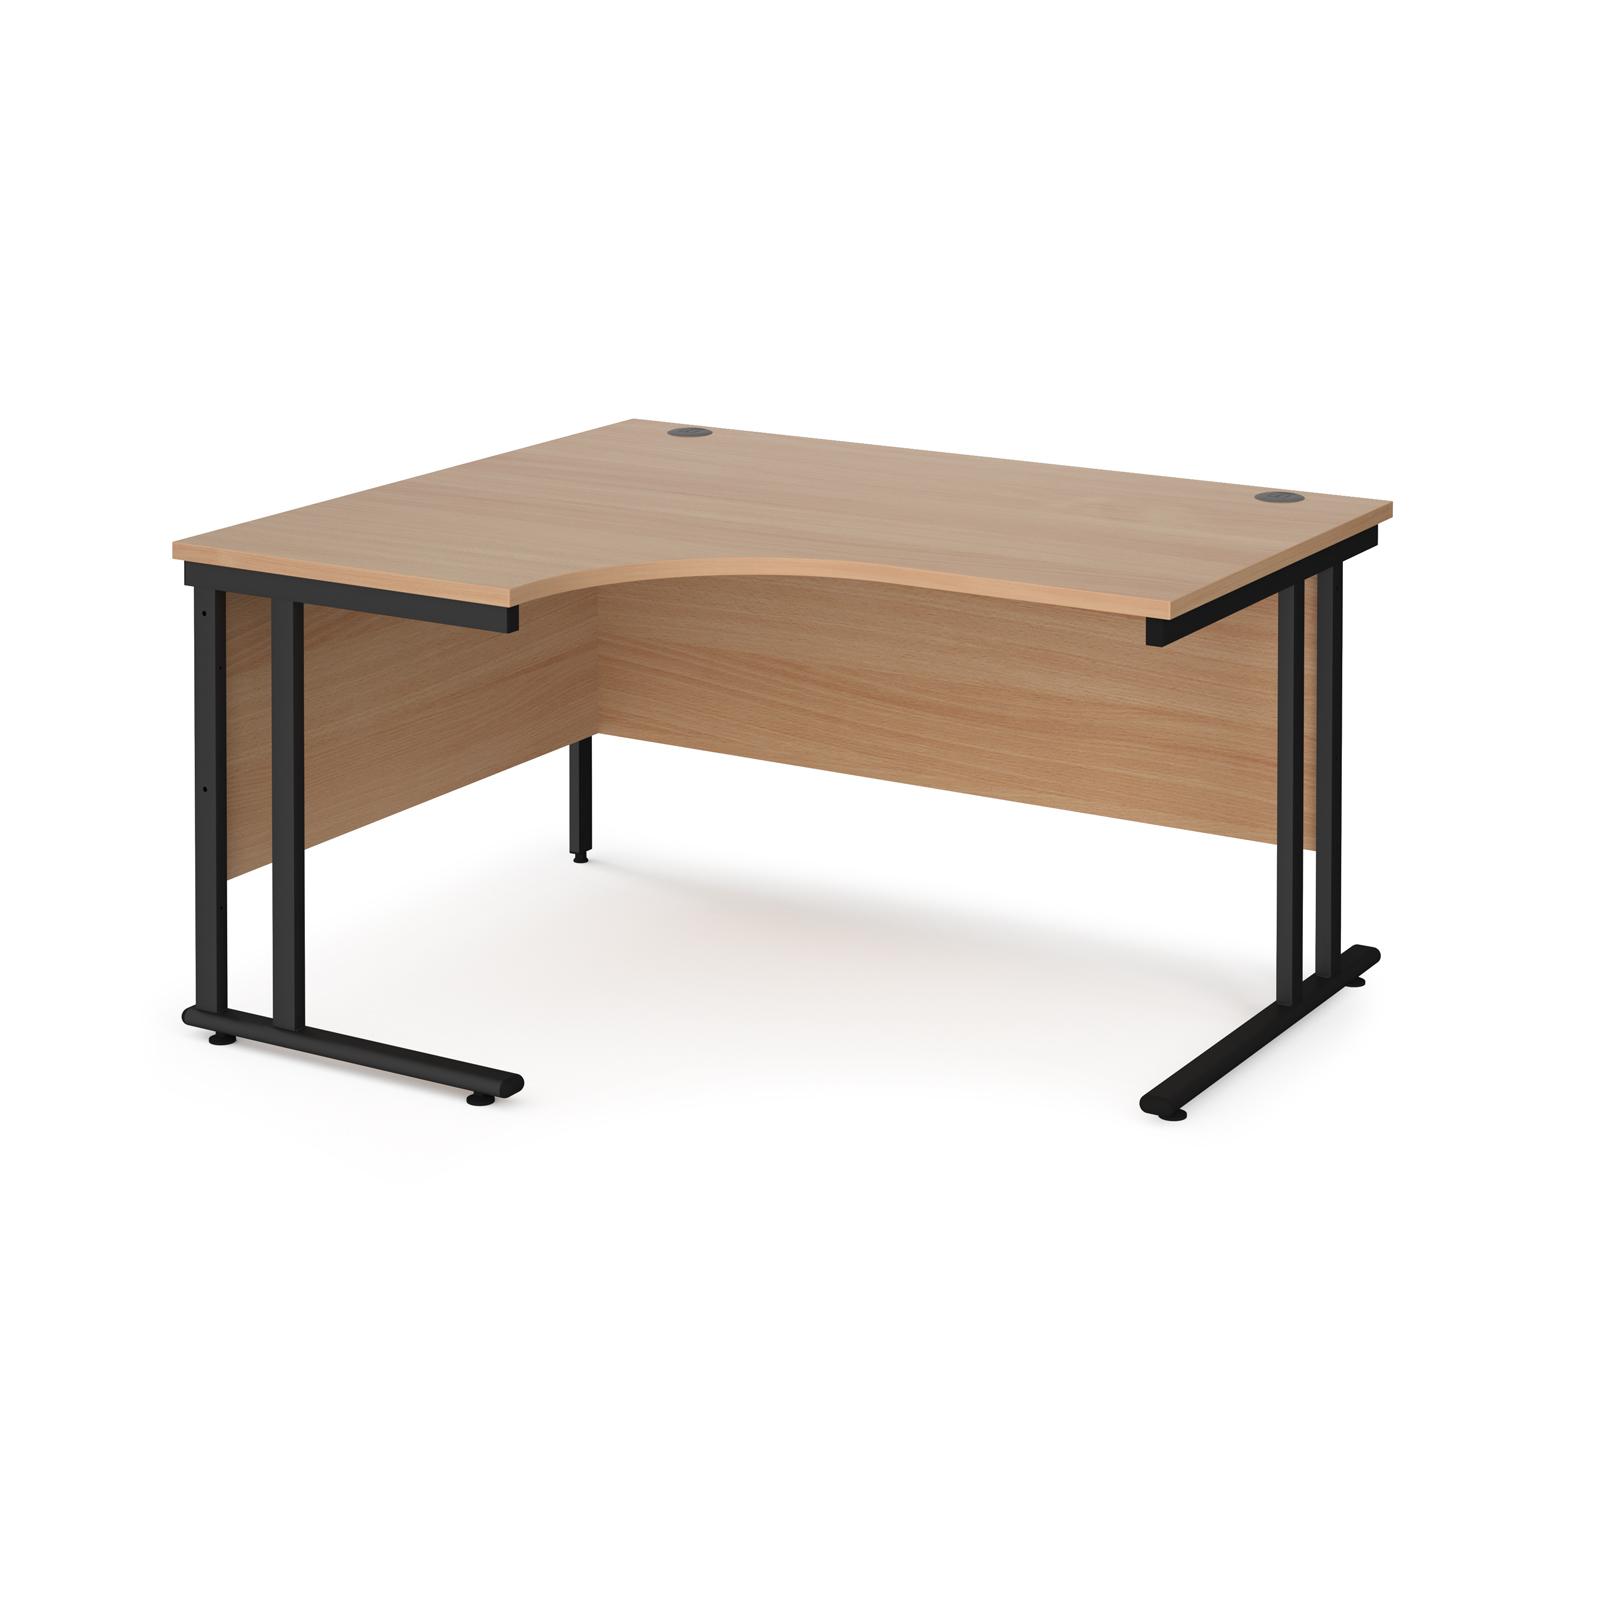 Left Handed Maestro 25 left hand ergonomic desk 1400mm wide - black cantilever leg frame, beech top